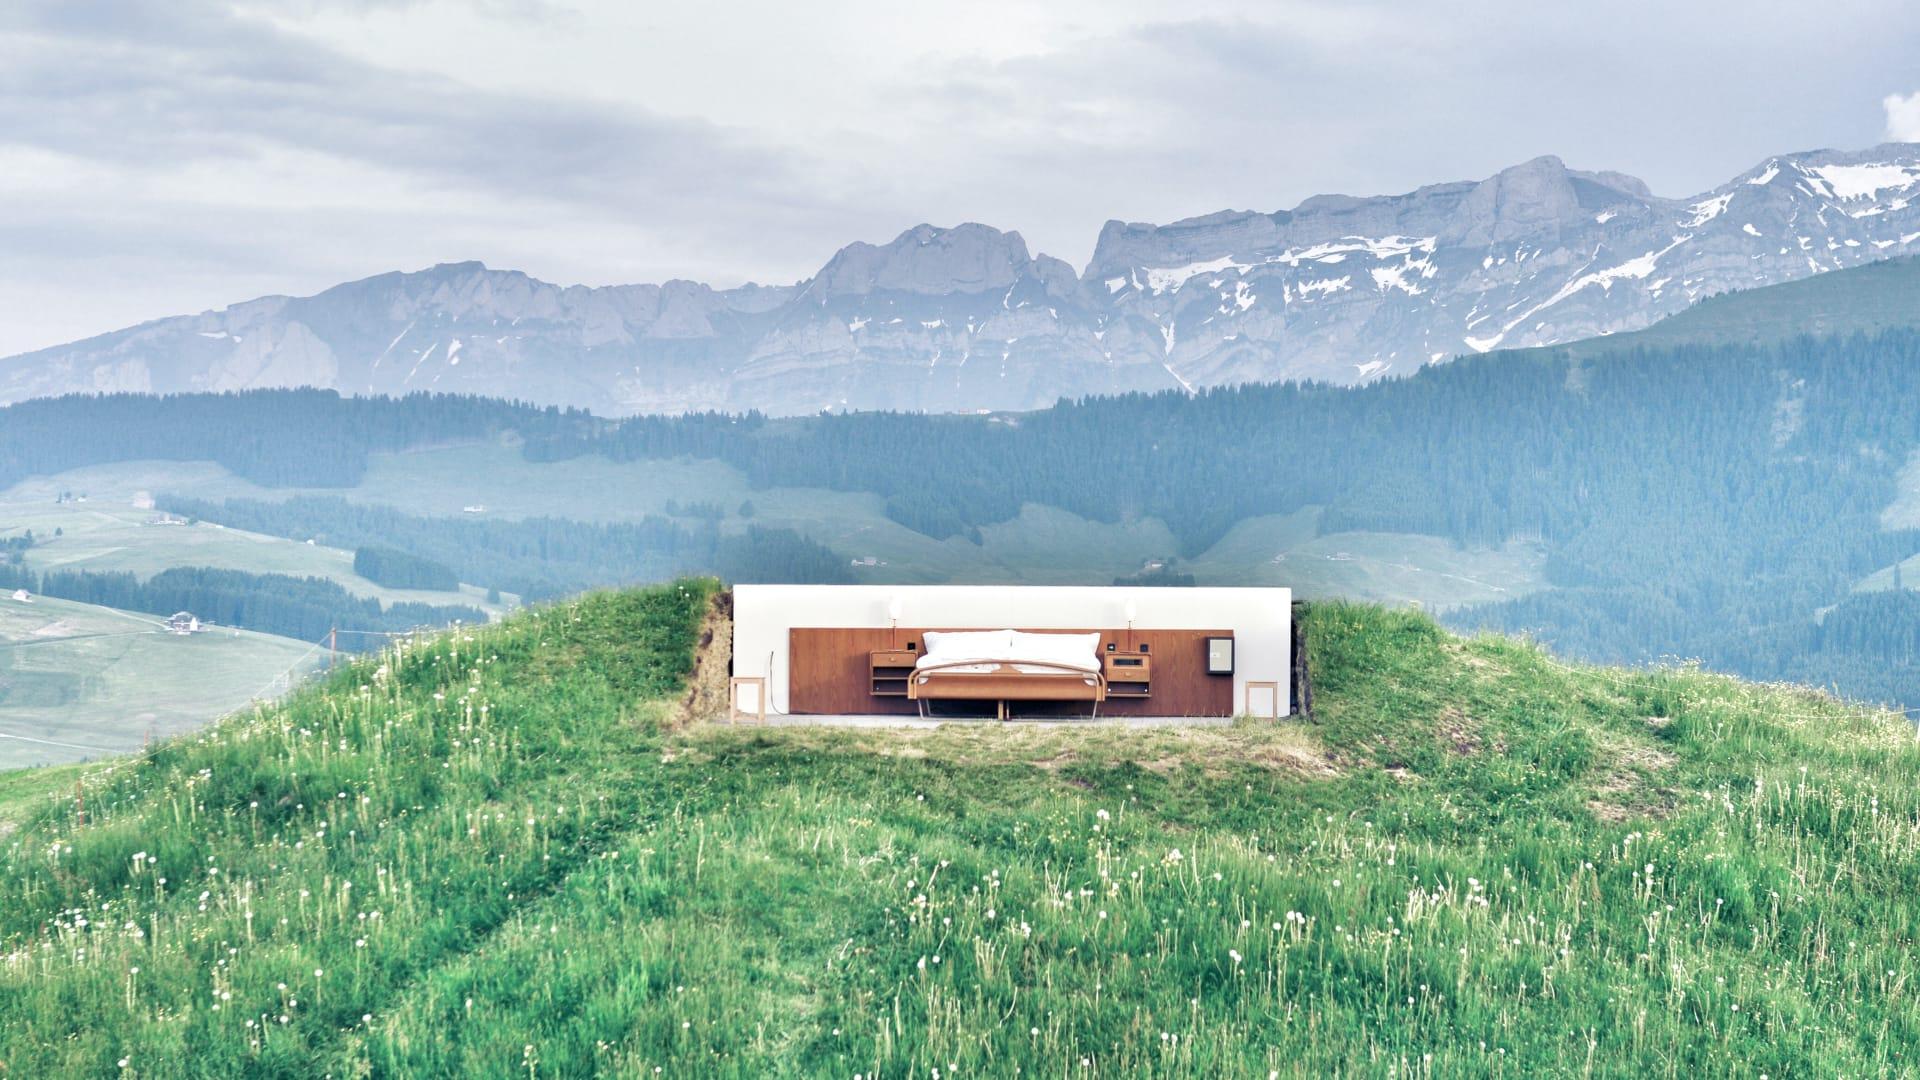 بـ4000 دولار.. أجراس الأبقار في سويسرا أغلى من الذهب